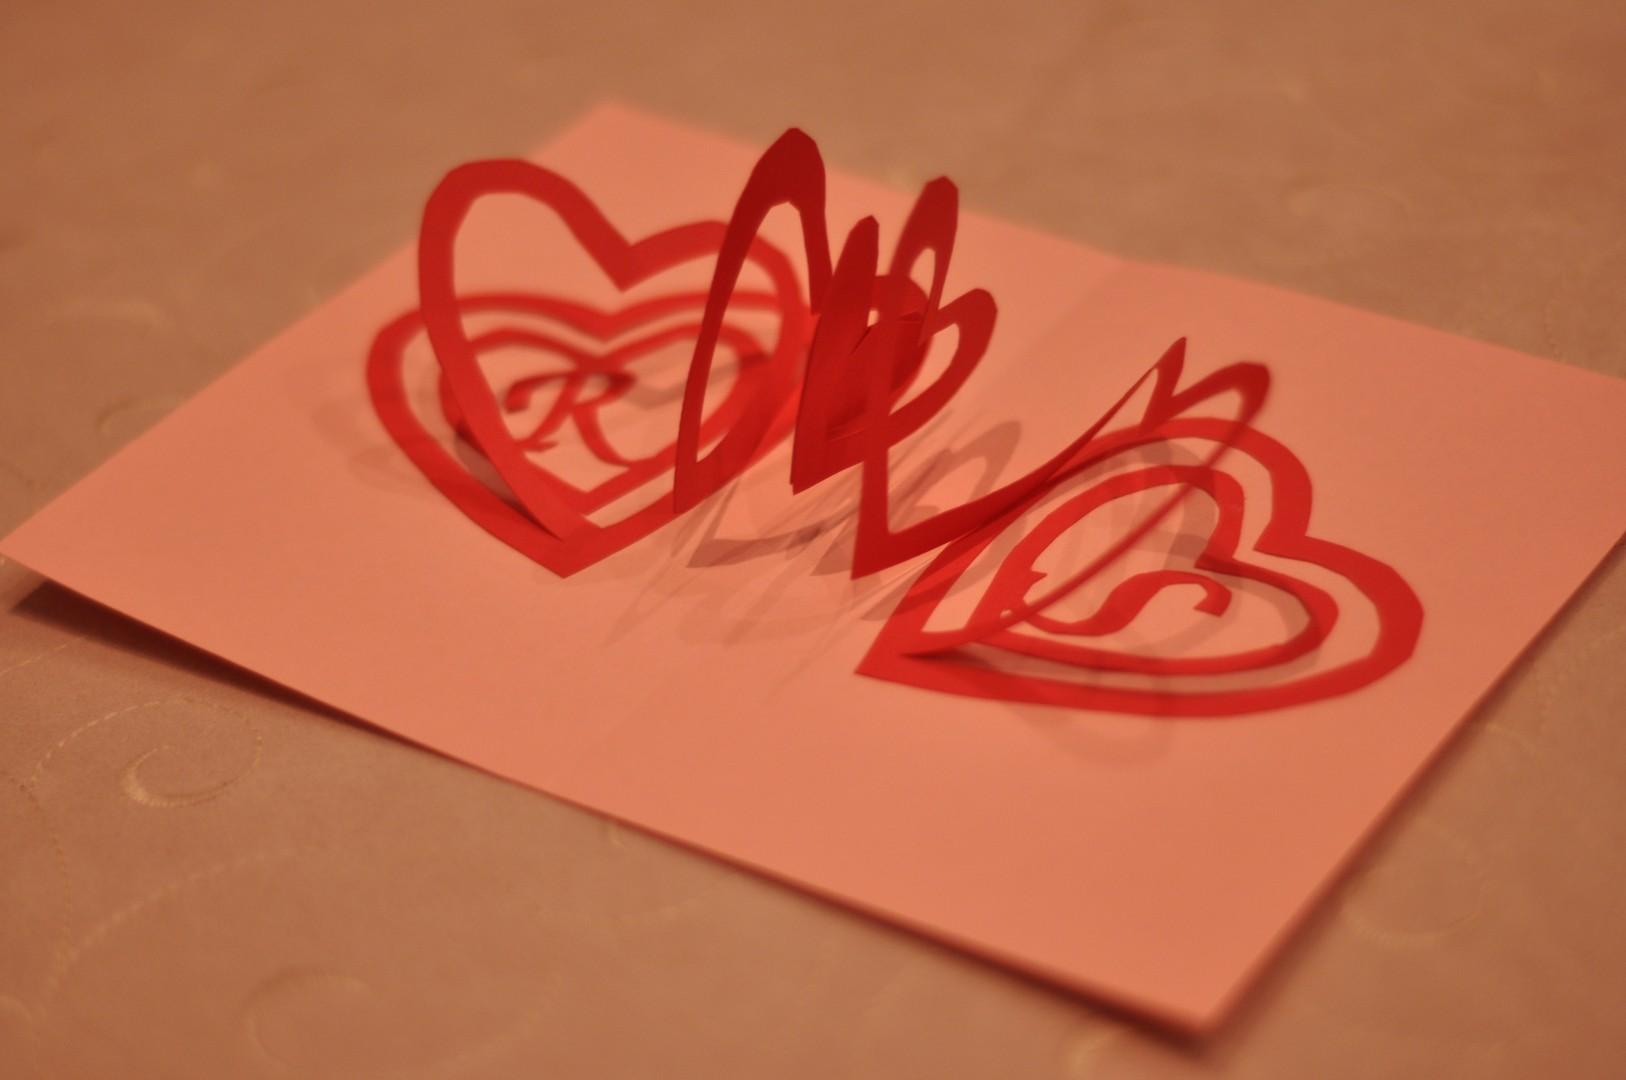 Valentines pop up card spiral heart